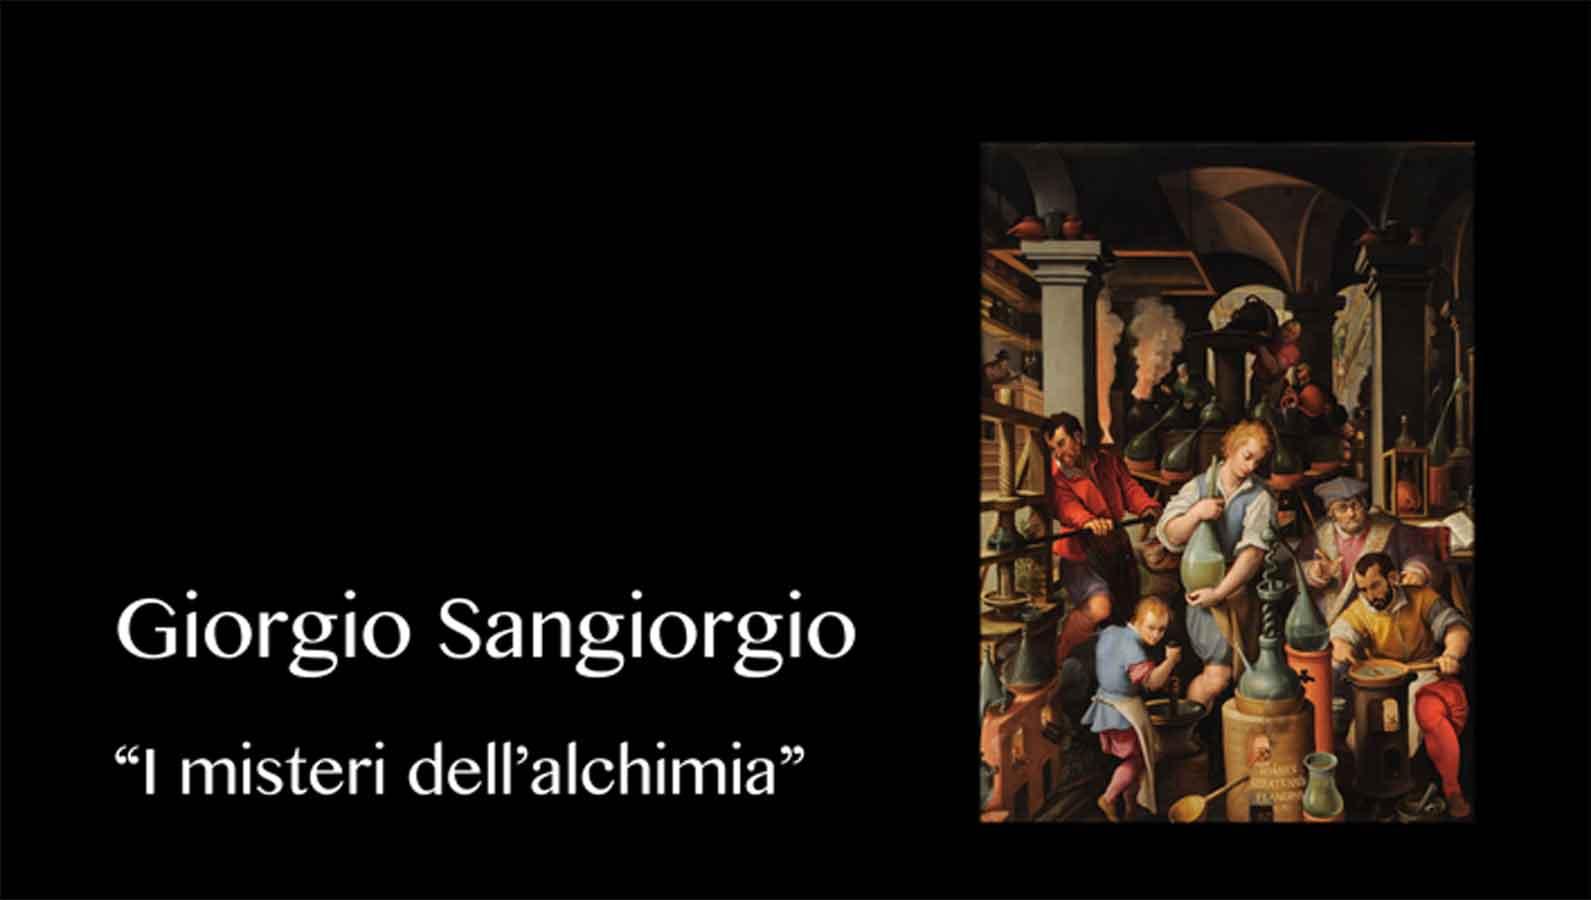 Giorgio Sangiorgio, Alchimia, AREA 23